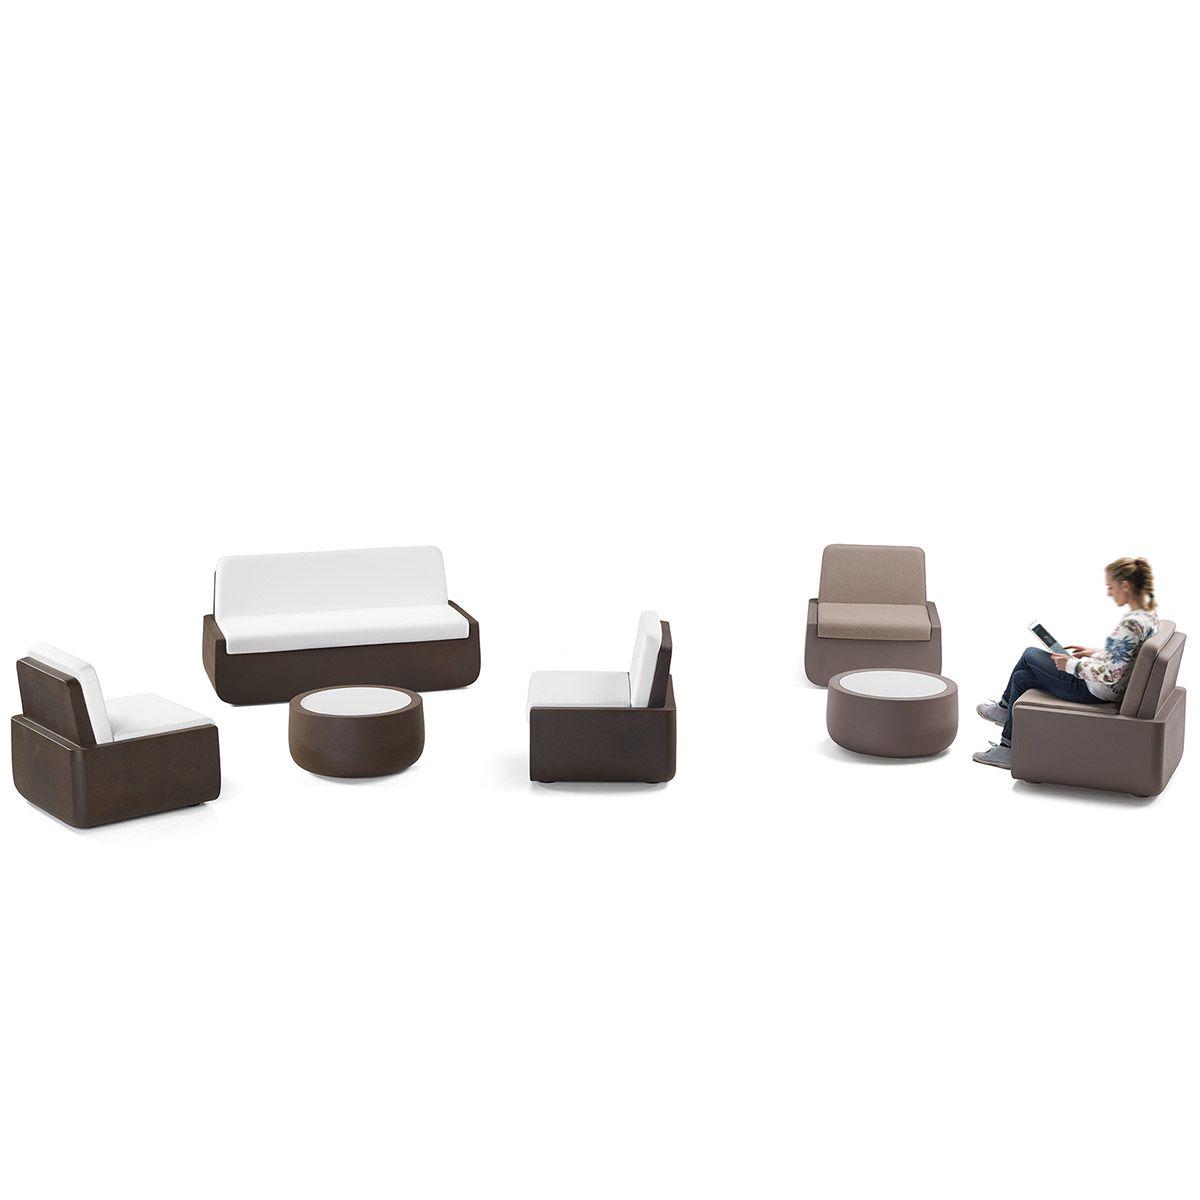 Poltrona e divano per ambienti Indoor/Outdoor